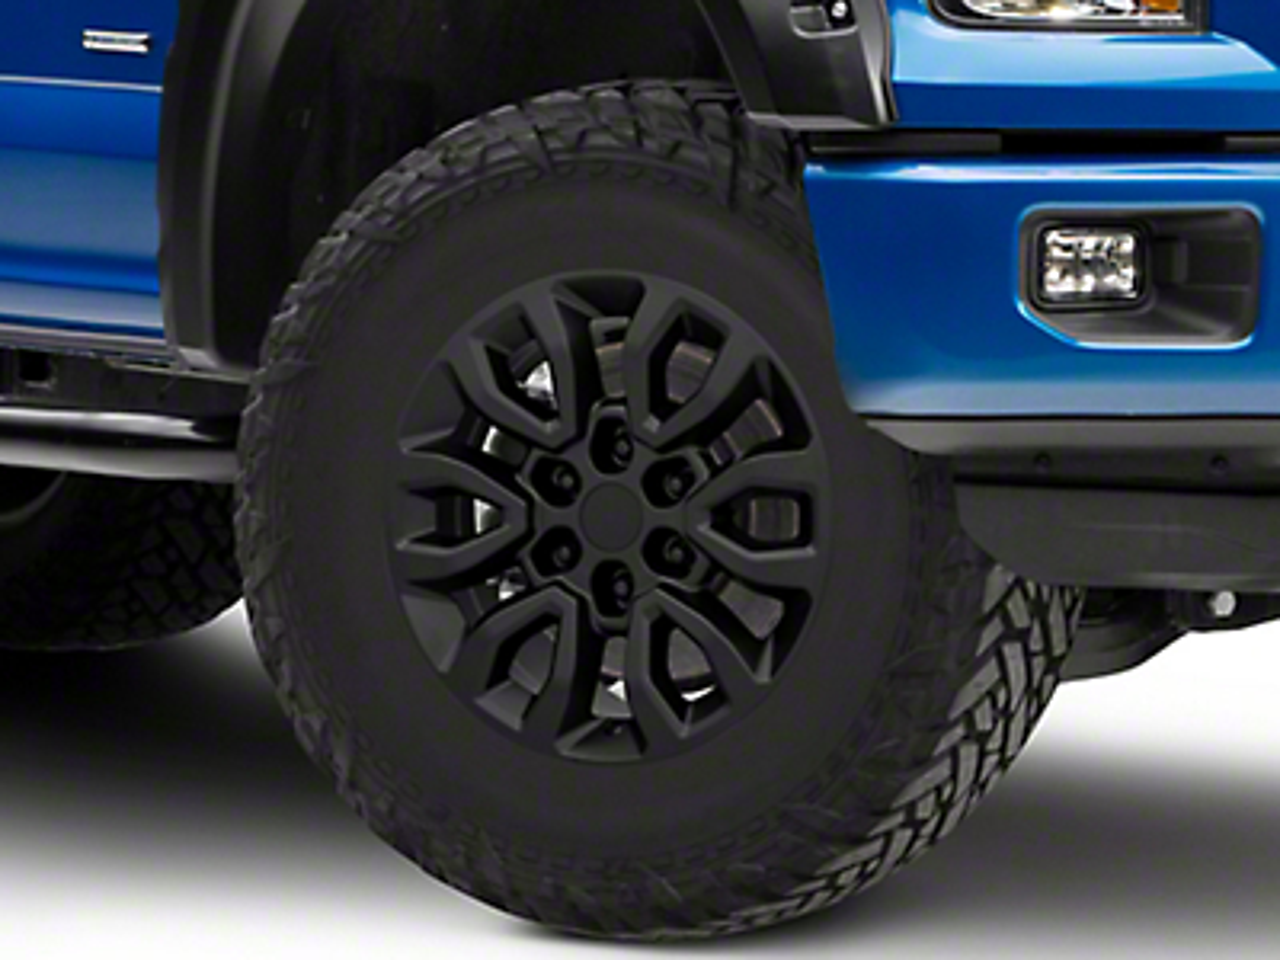 Gen2 Raptor Style Matte Black 6-Lug Wheel - 17x8.5 (04-18 F-150)